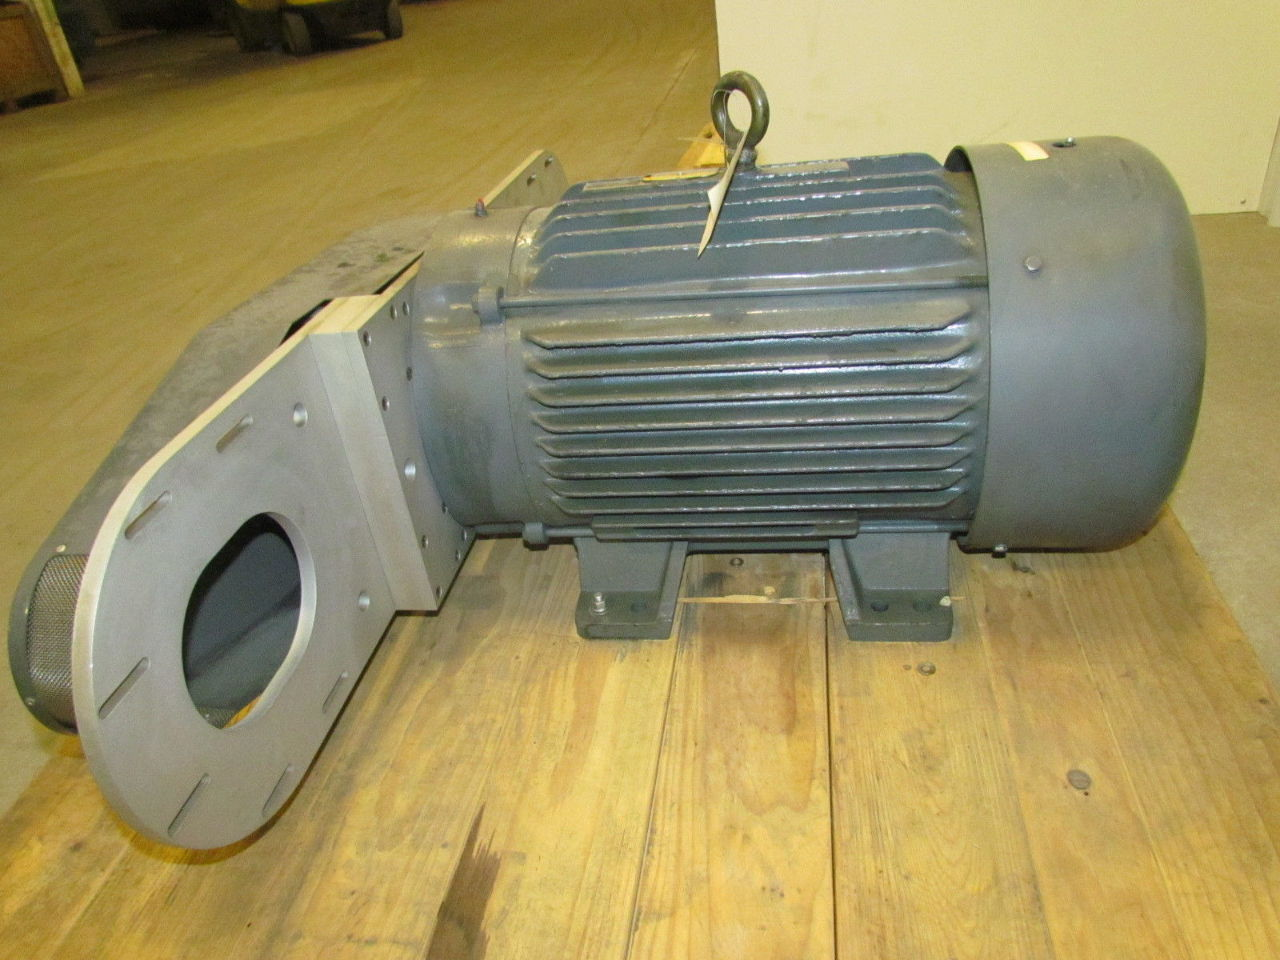 Sonic Air Systems Blower Head : Sonic air systems dual centrifugal blower hp baldor